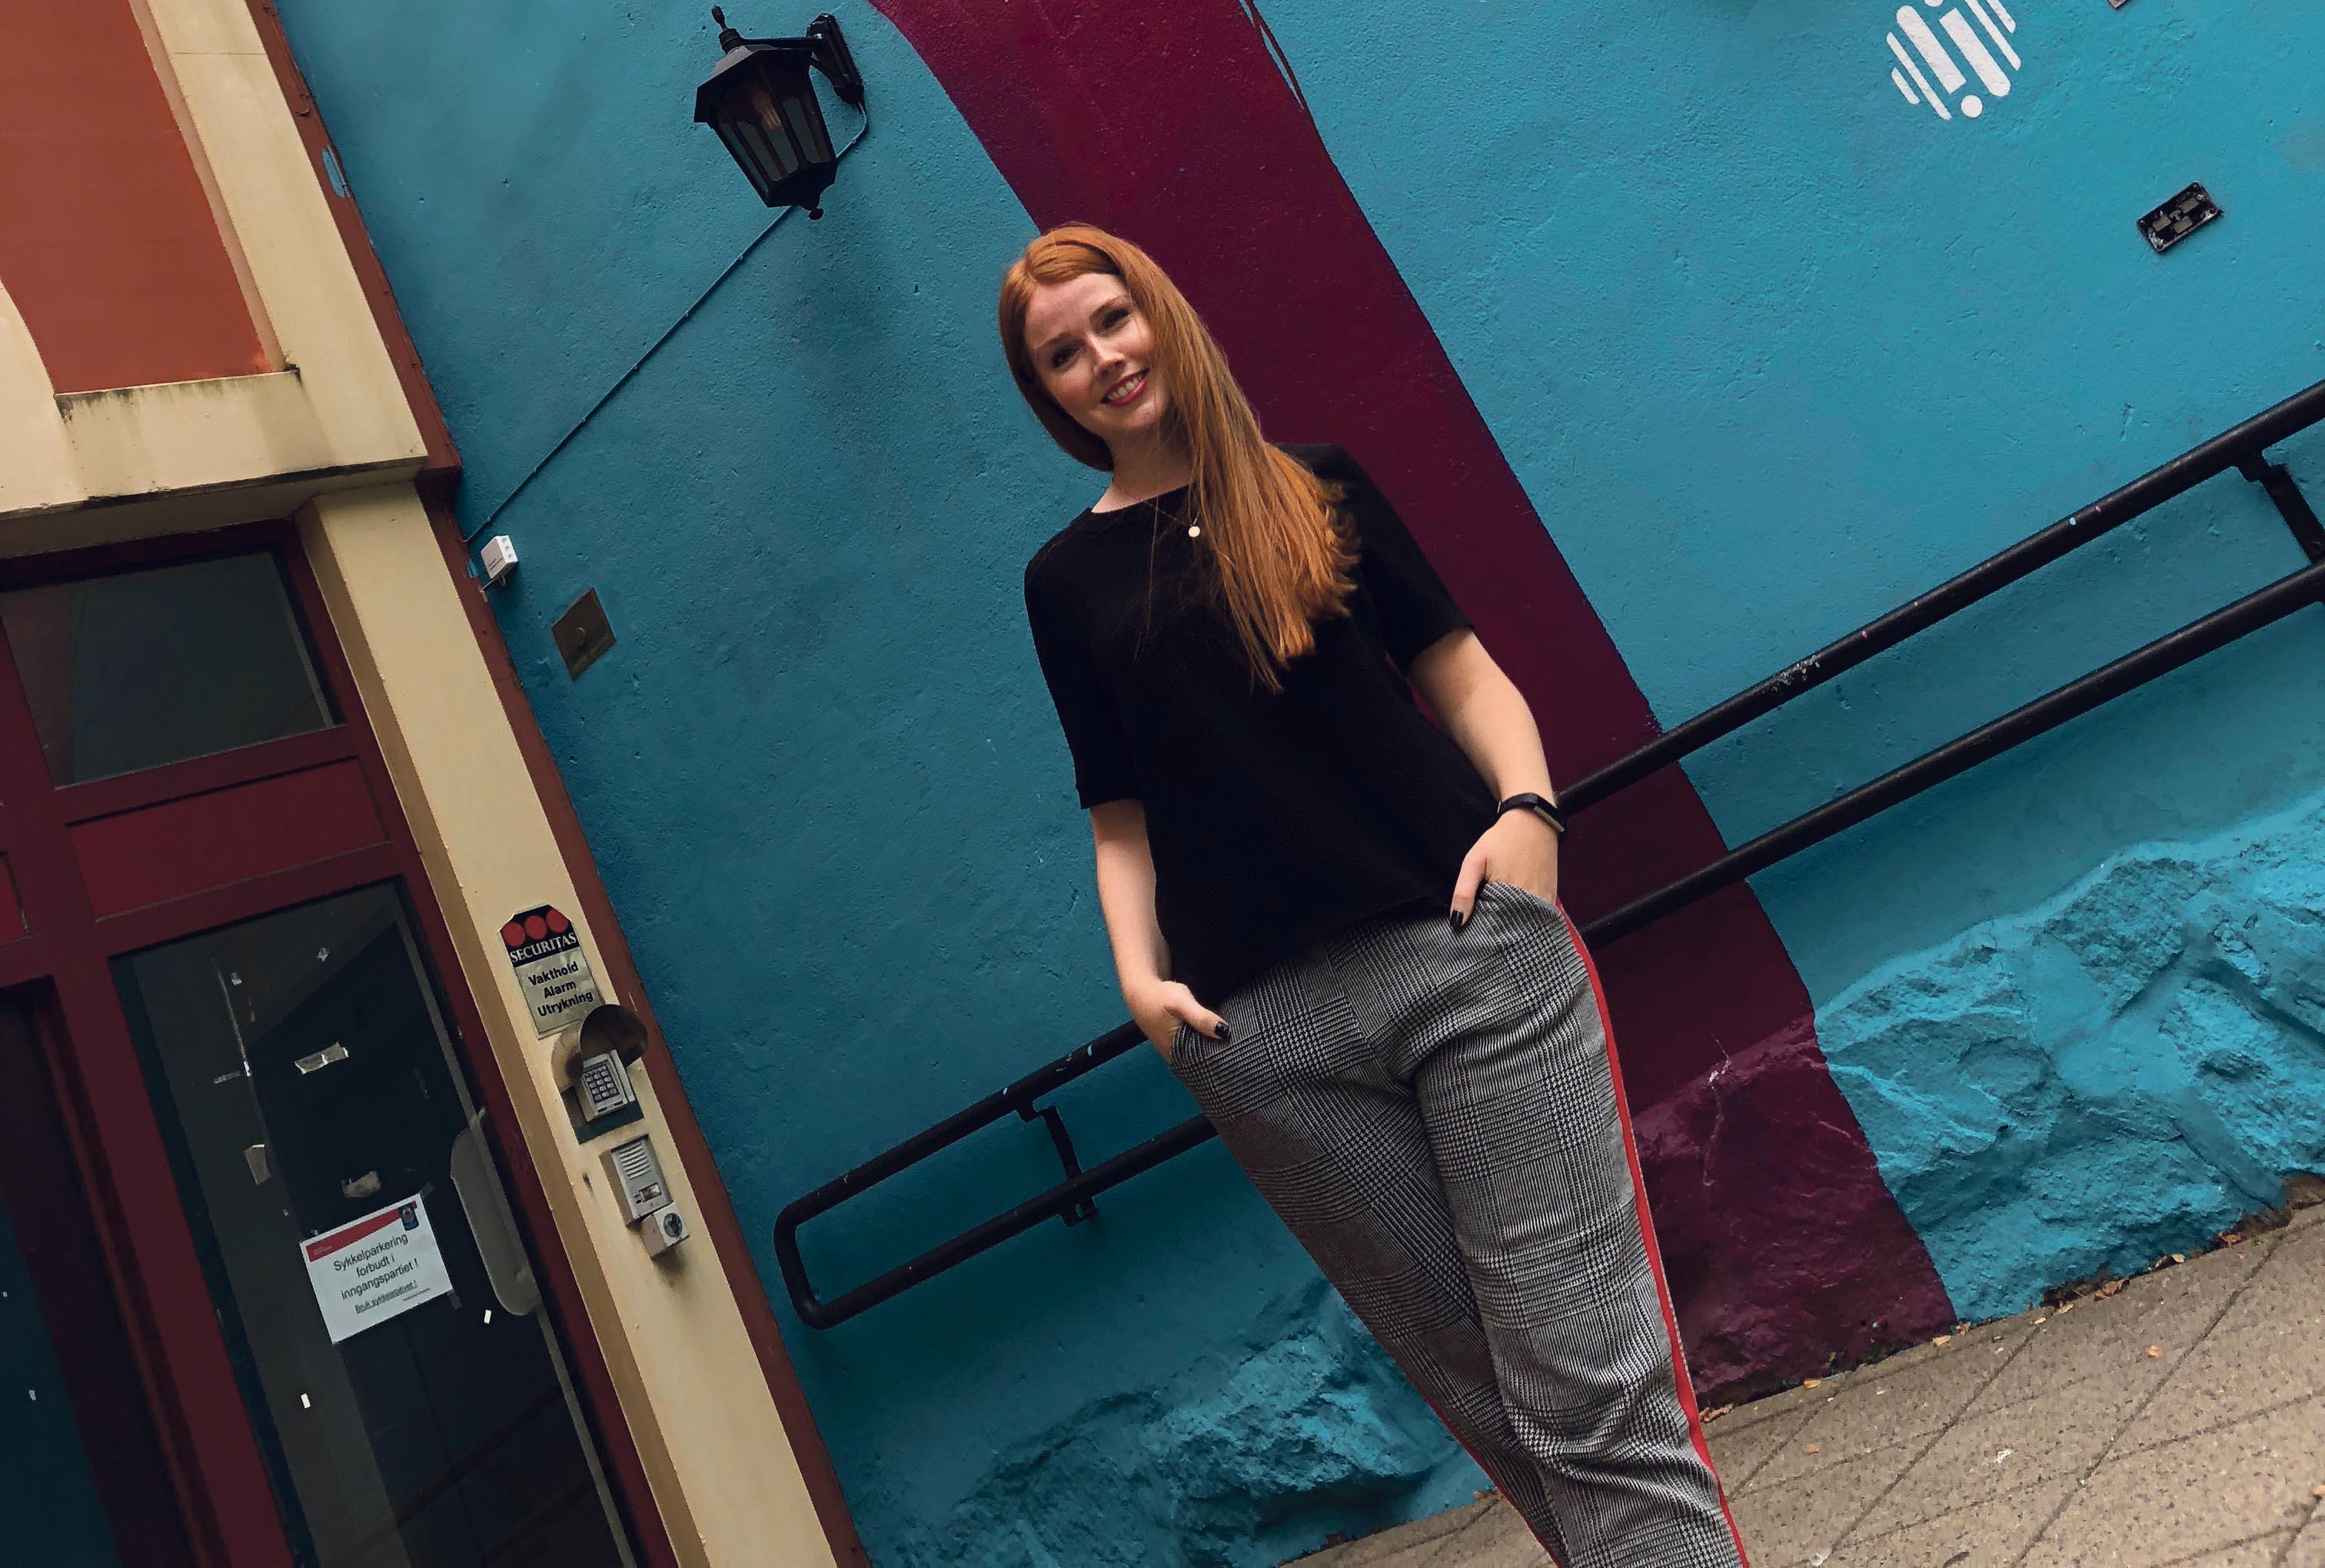 SKOLE: Karoline Rise Nøstdal Og Hennes Kolleger ønsker Barn Og Unge Velkommen Til Et Nytt Skoleår.